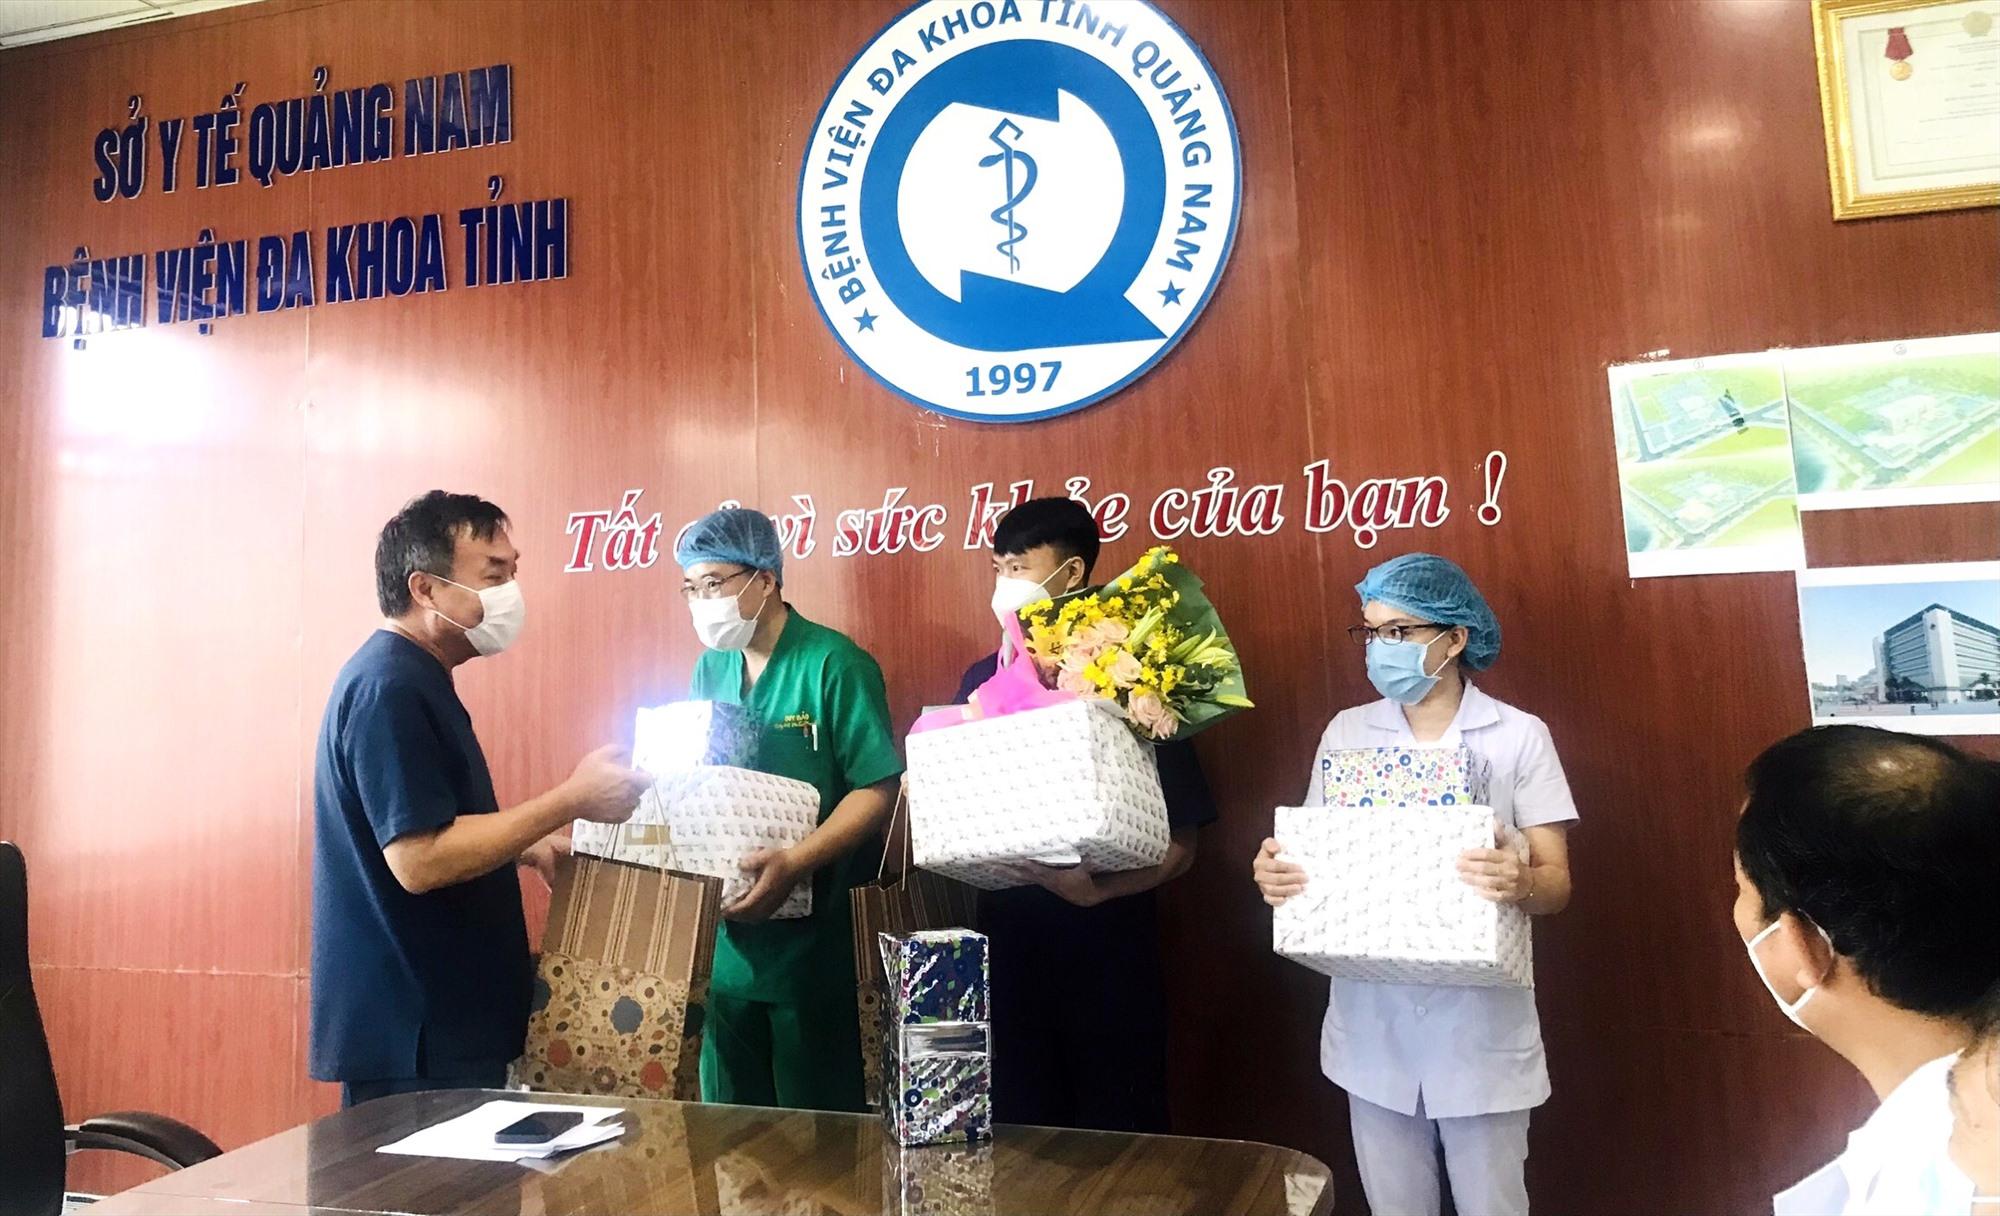 Bệnh viện Đa khoa Quảng Nam chia tay và tặng quà các y bác sĩ tham gia đợt tình nguyện. Đợt này, có 3 cán bộ y tế của bệnh viện tham gia tình nguyện. Ảnh: X.H